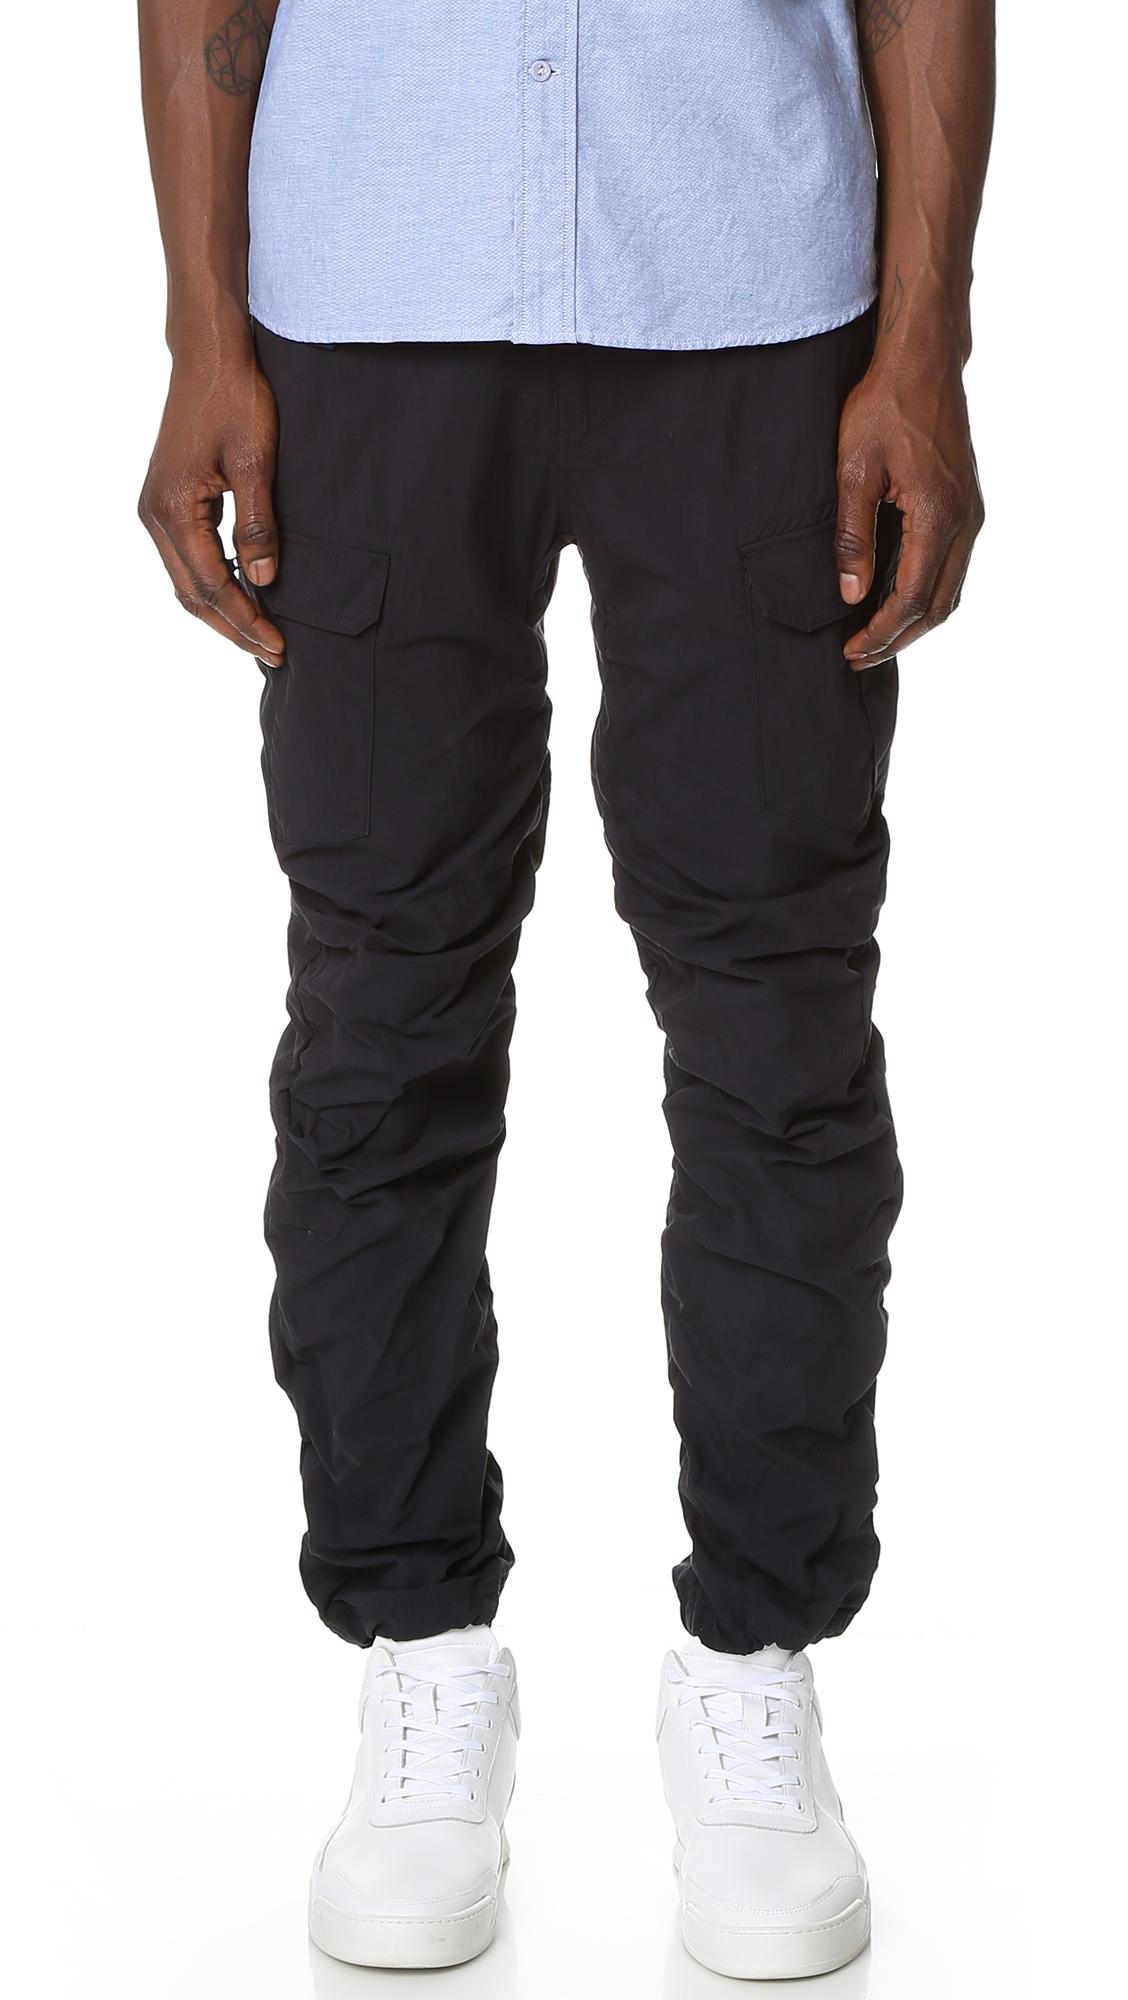 White Mountaineering Cotton Nylon Cargo Pants | EAST DANE